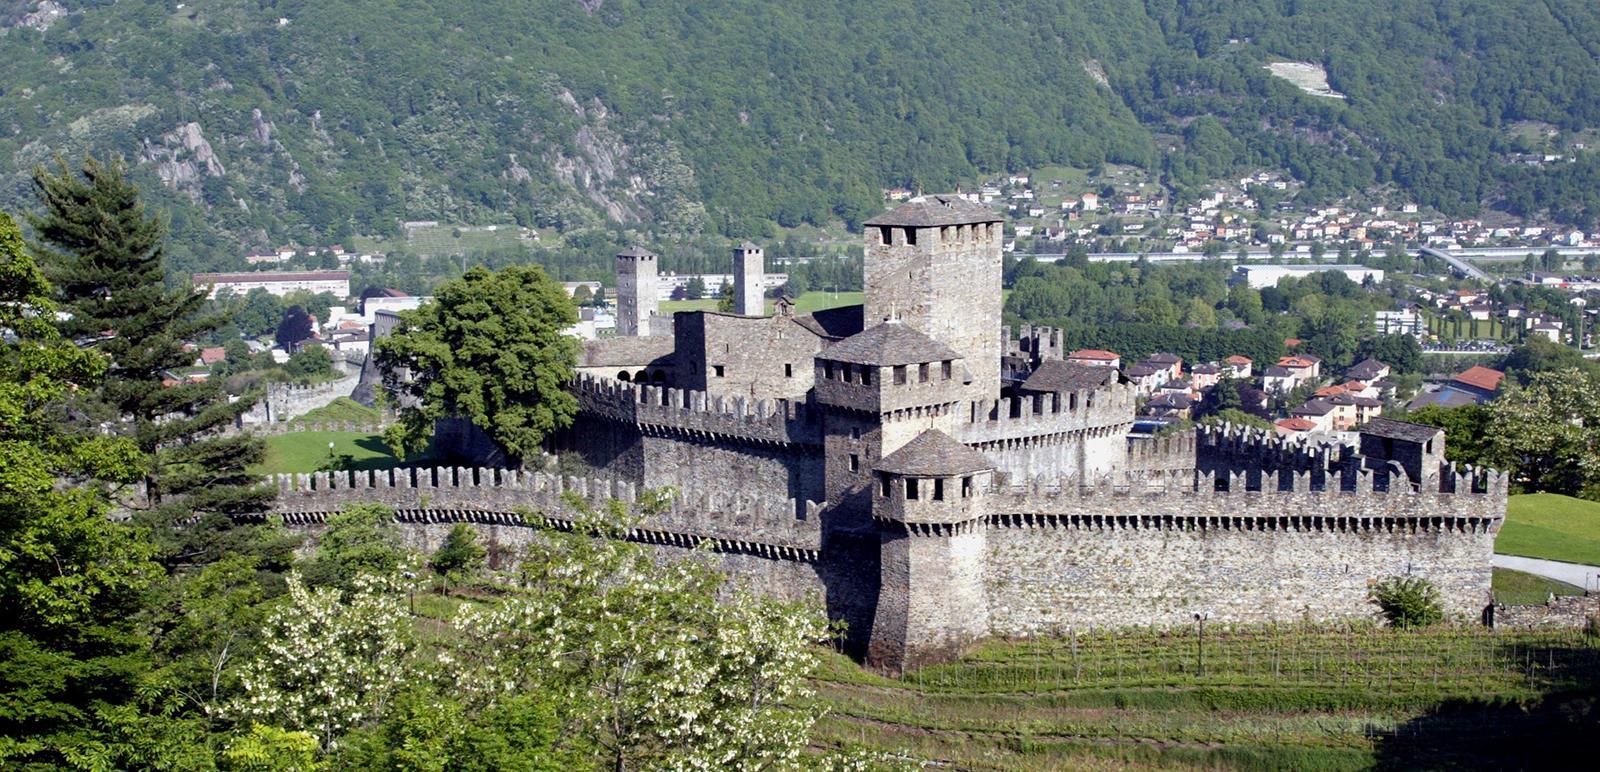 Die Burg Montebello in Bellinzona